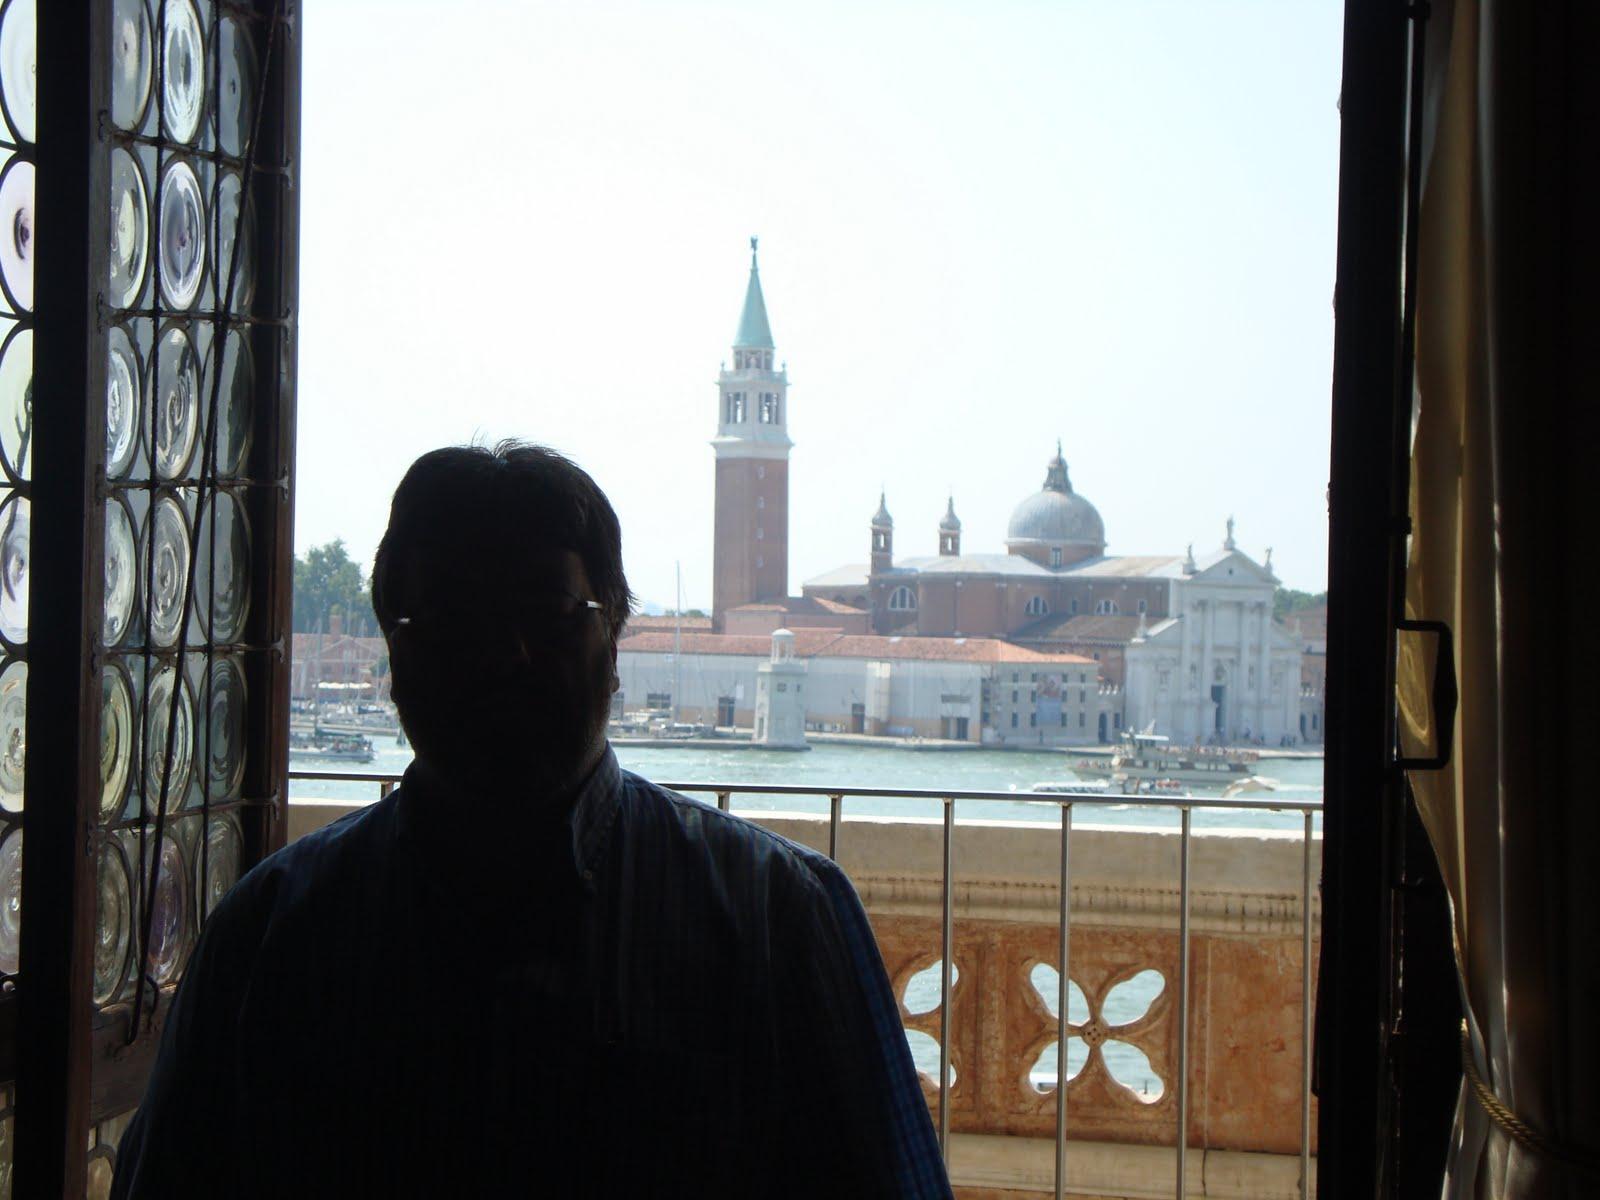 http://2.bp.blogspot.com/_T-8o-x7lANY/TDzDTDcLDoI/AAAAAAAAB1A/Cg5GaheeFrw/s1600/Venecia+002.jpg